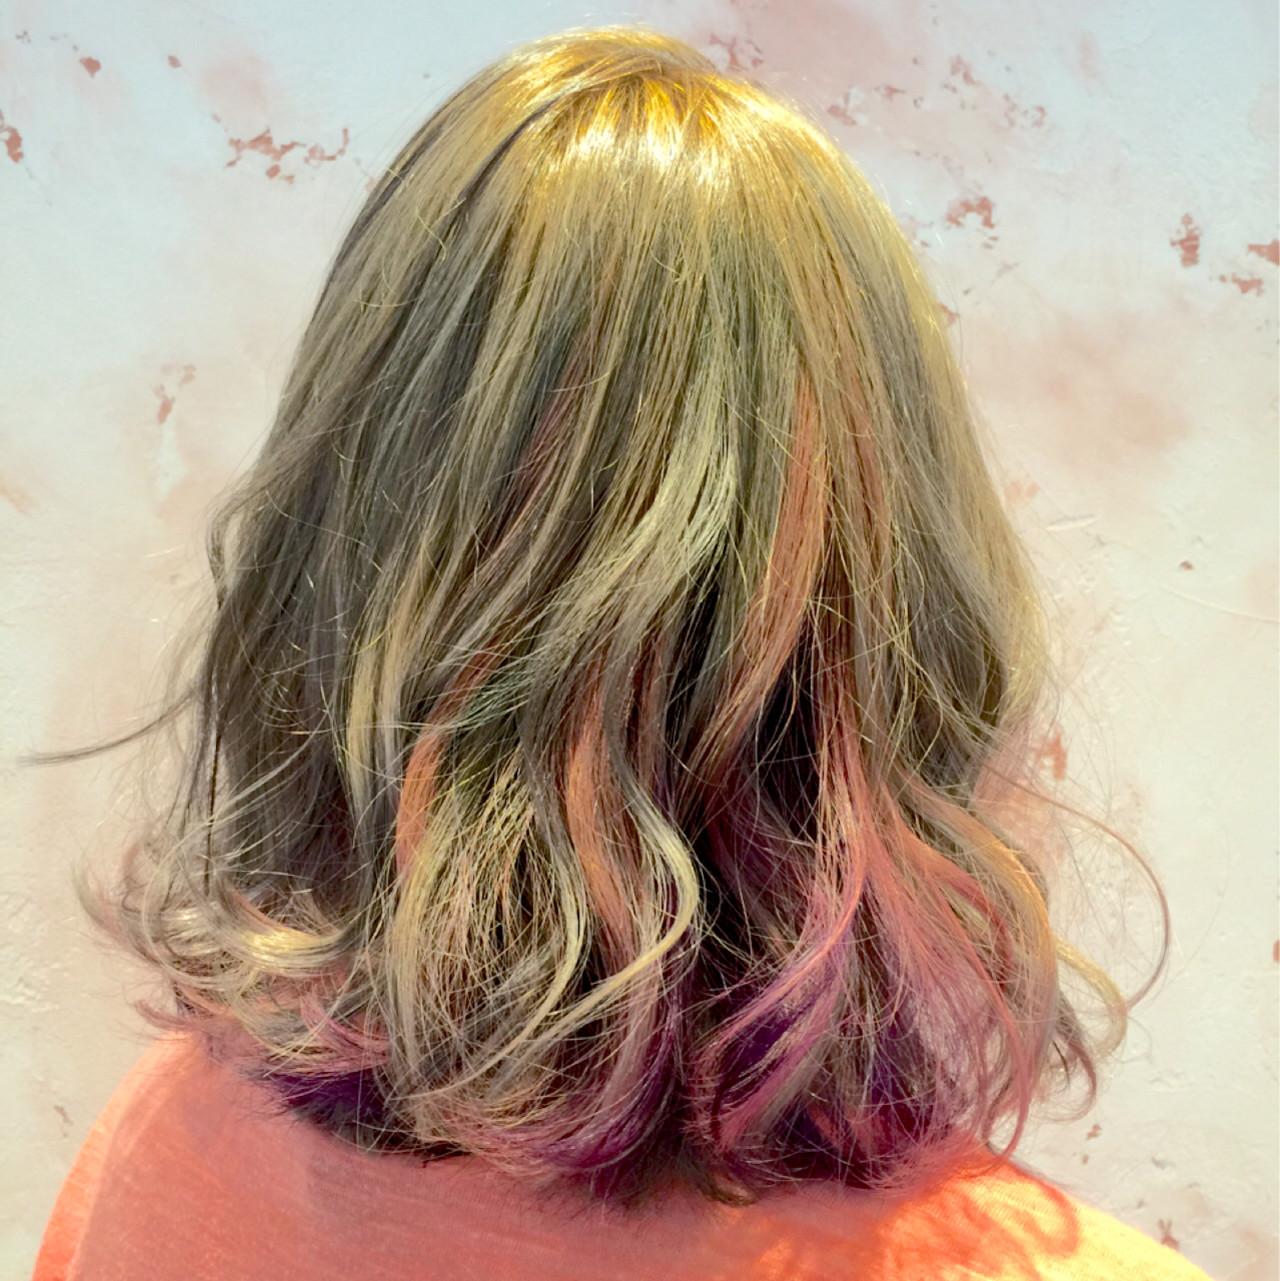 グラデーションカラー 外国人風 ゆるふわ ハイライト ヘアスタイルや髪型の写真・画像